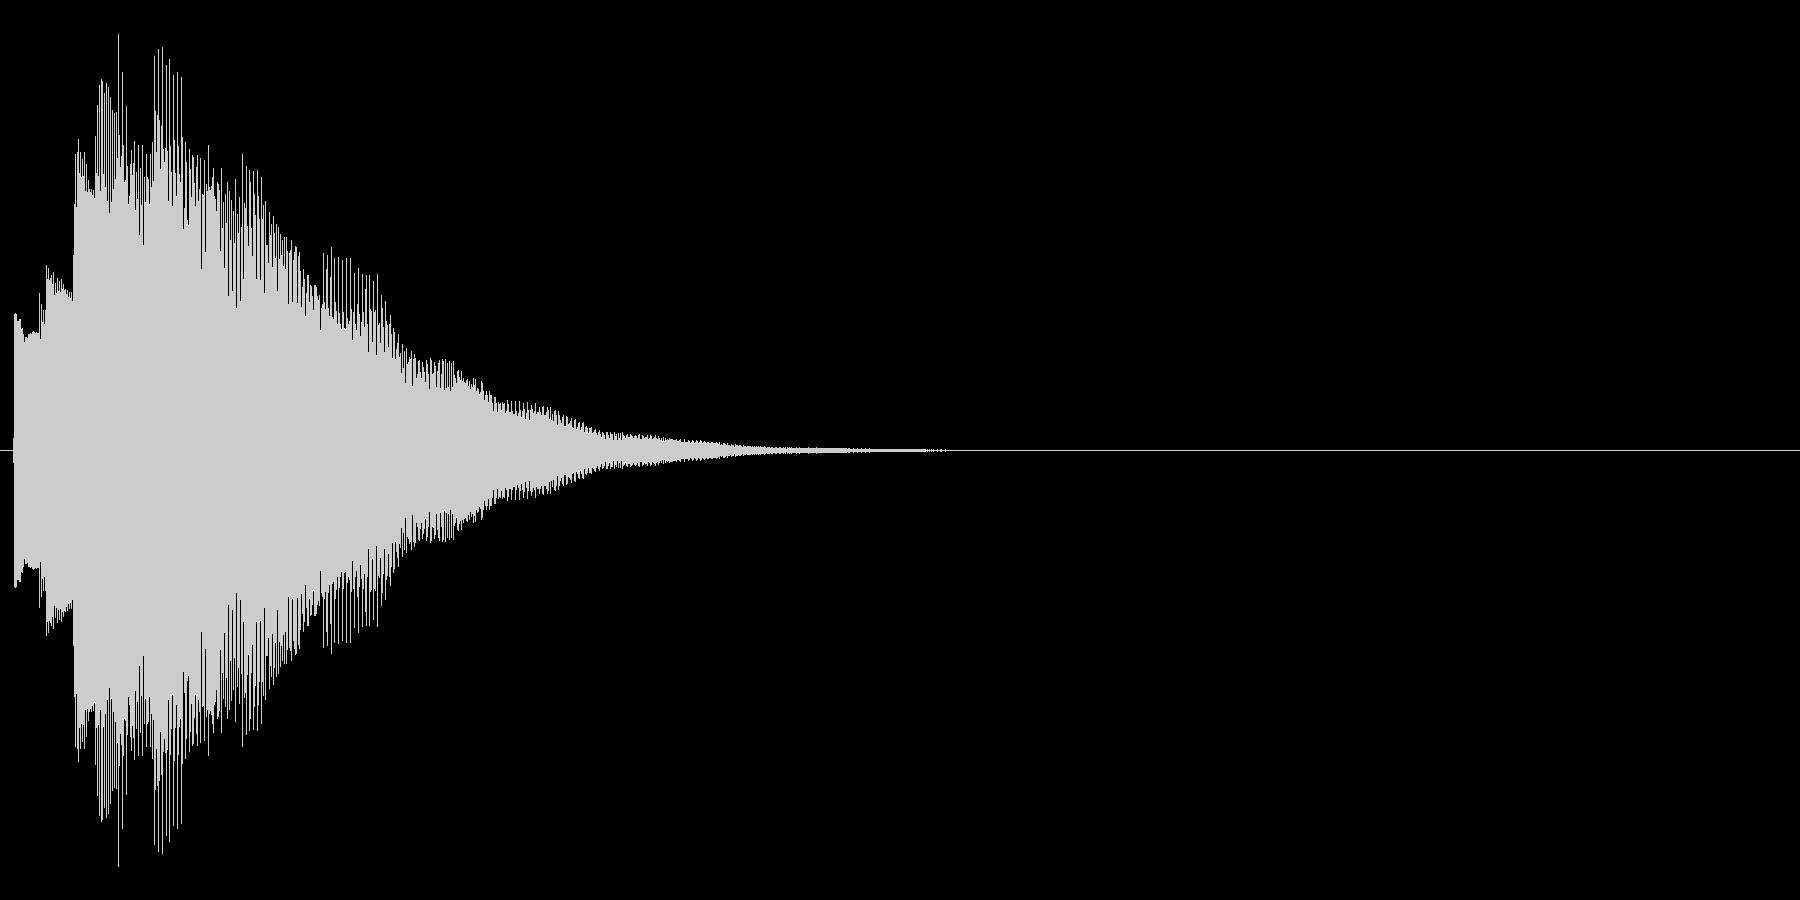 キラキラ...(決定、星、かわいい)の未再生の波形